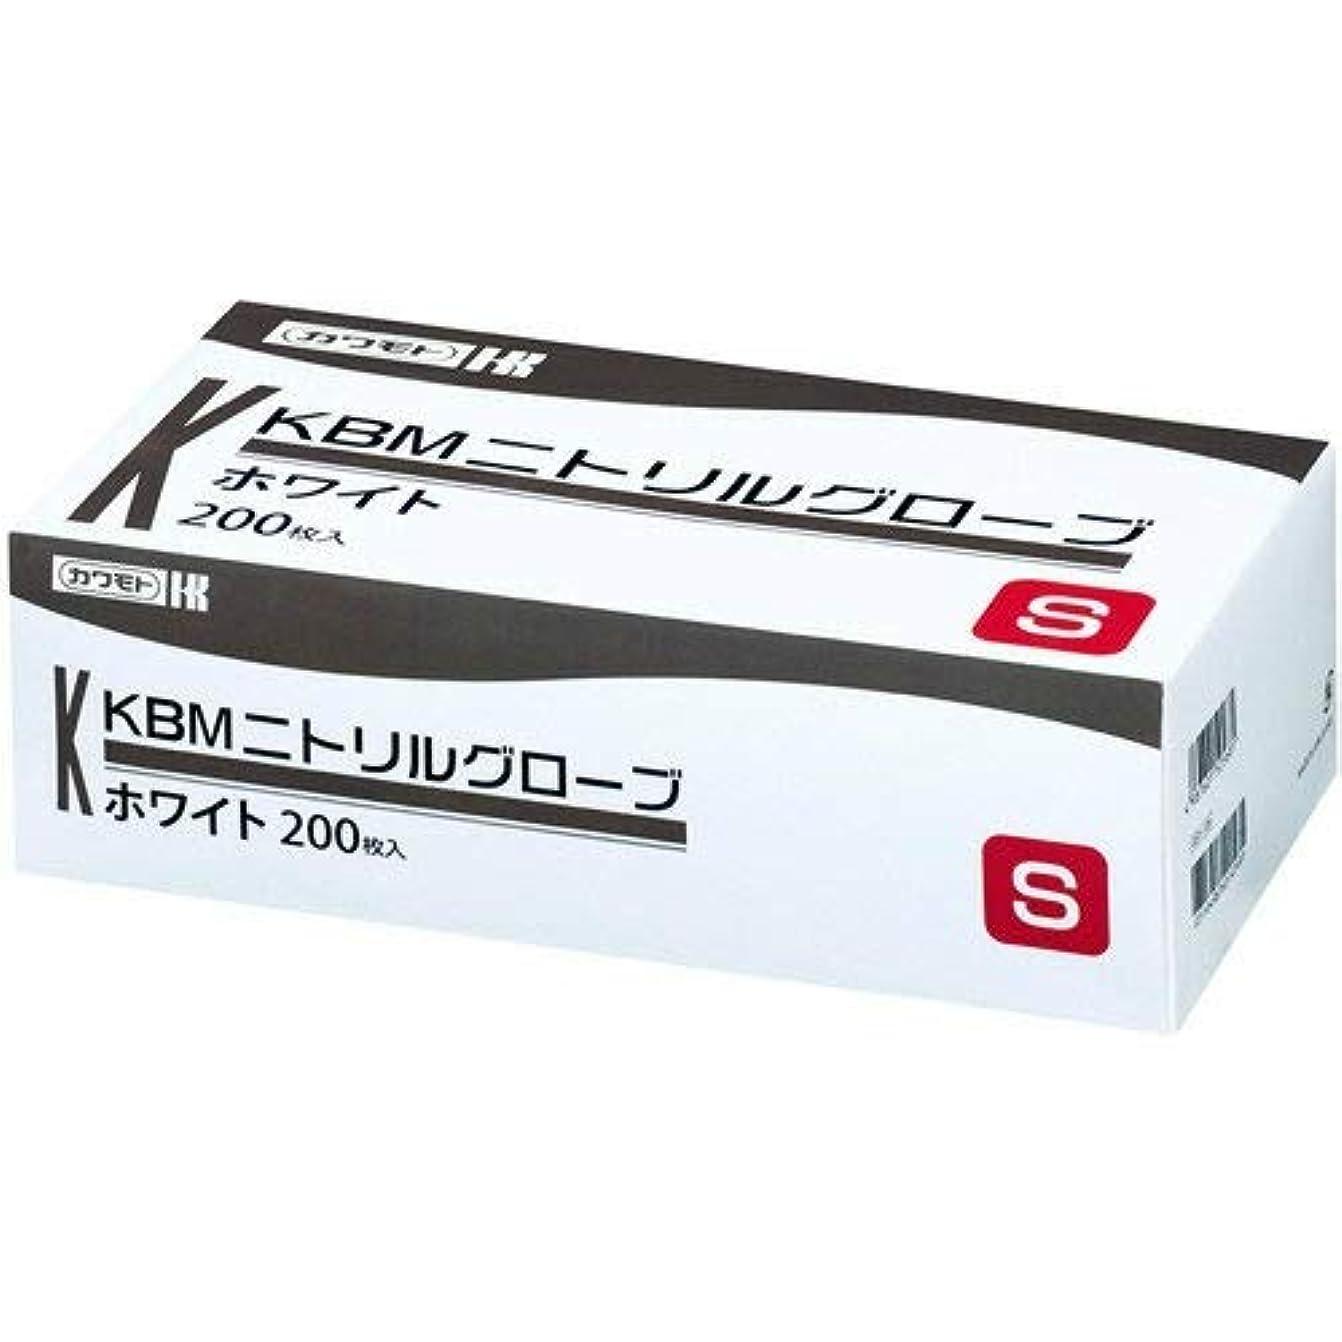 大胆な矛盾するアクチュエータ川本産業 カワモト ニトリルグローブ ホワイト S 200枚入